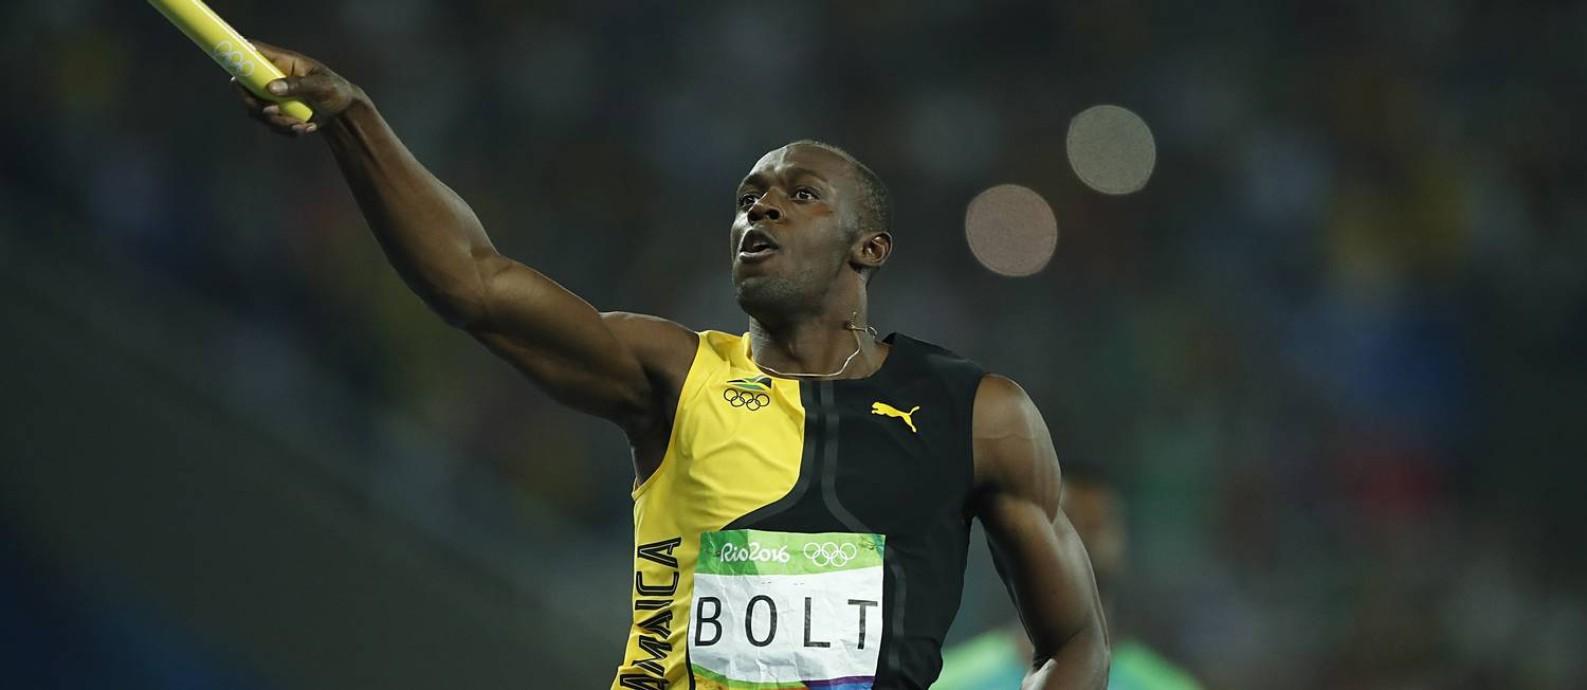 Usain Bolt na conquista do tricampeonato olímpico no Rio de Janeiro. Ele  quer ser jogador 312047939ab02